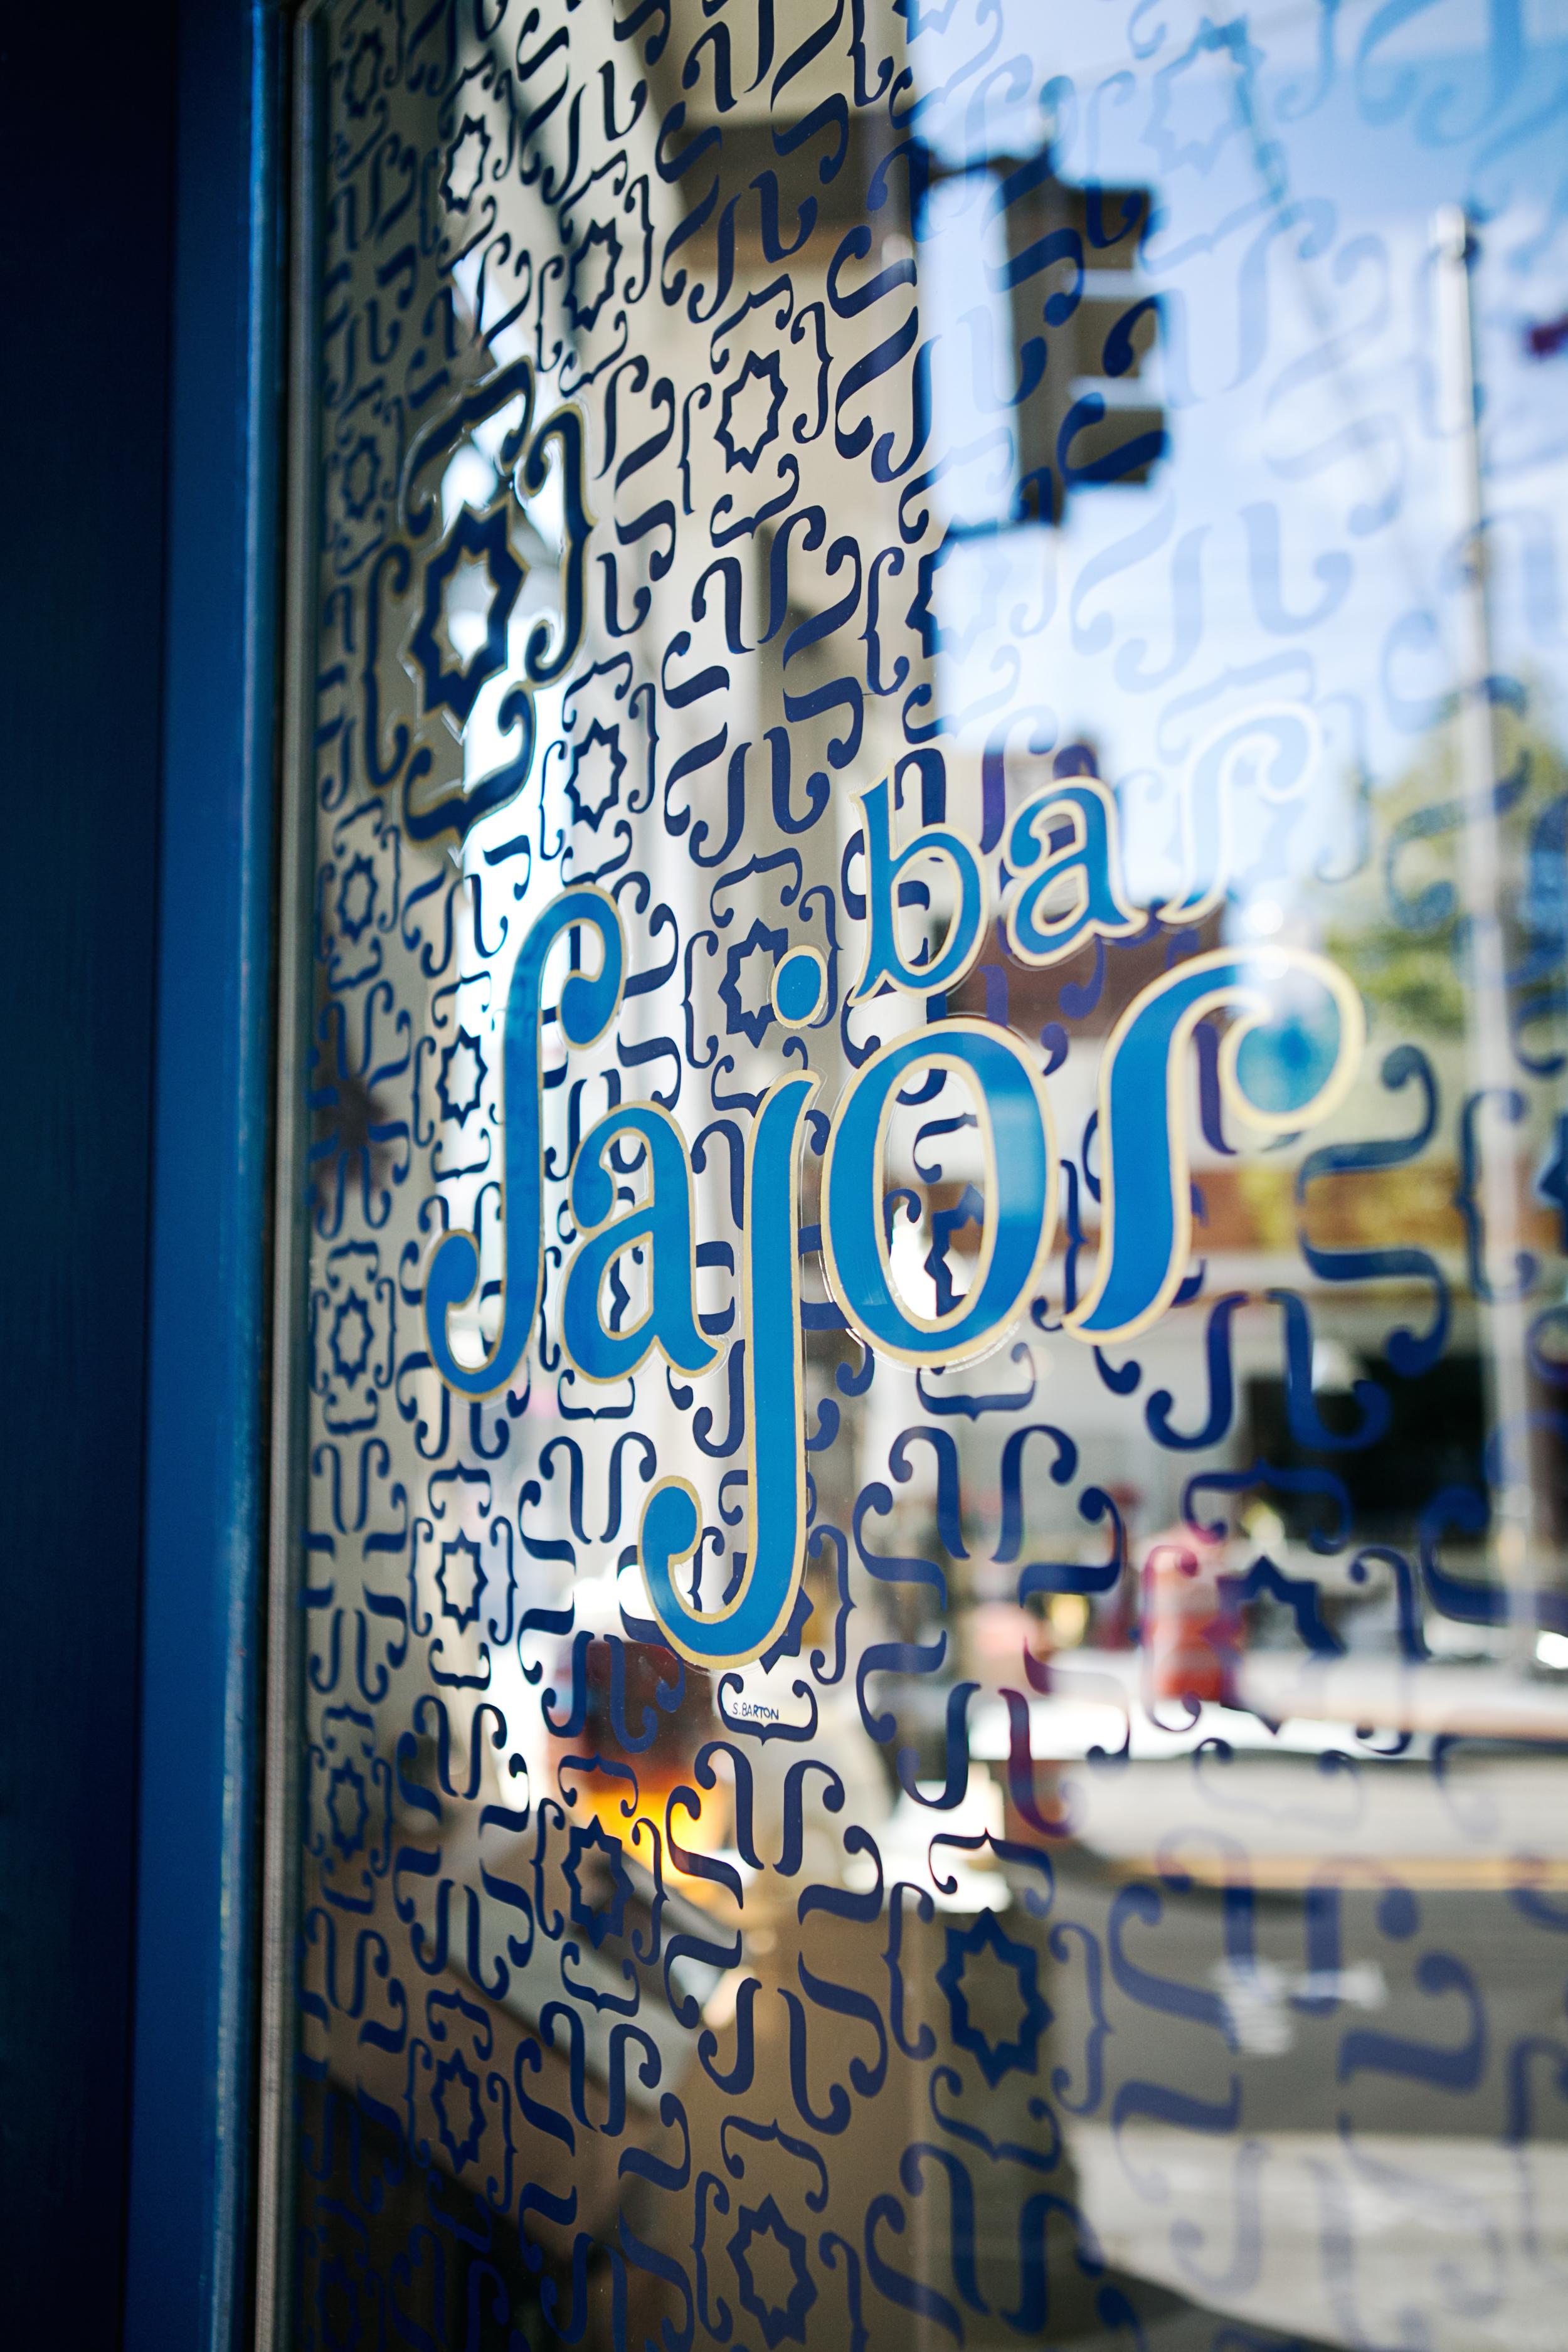 BarSajorInt_door_logo.jpg